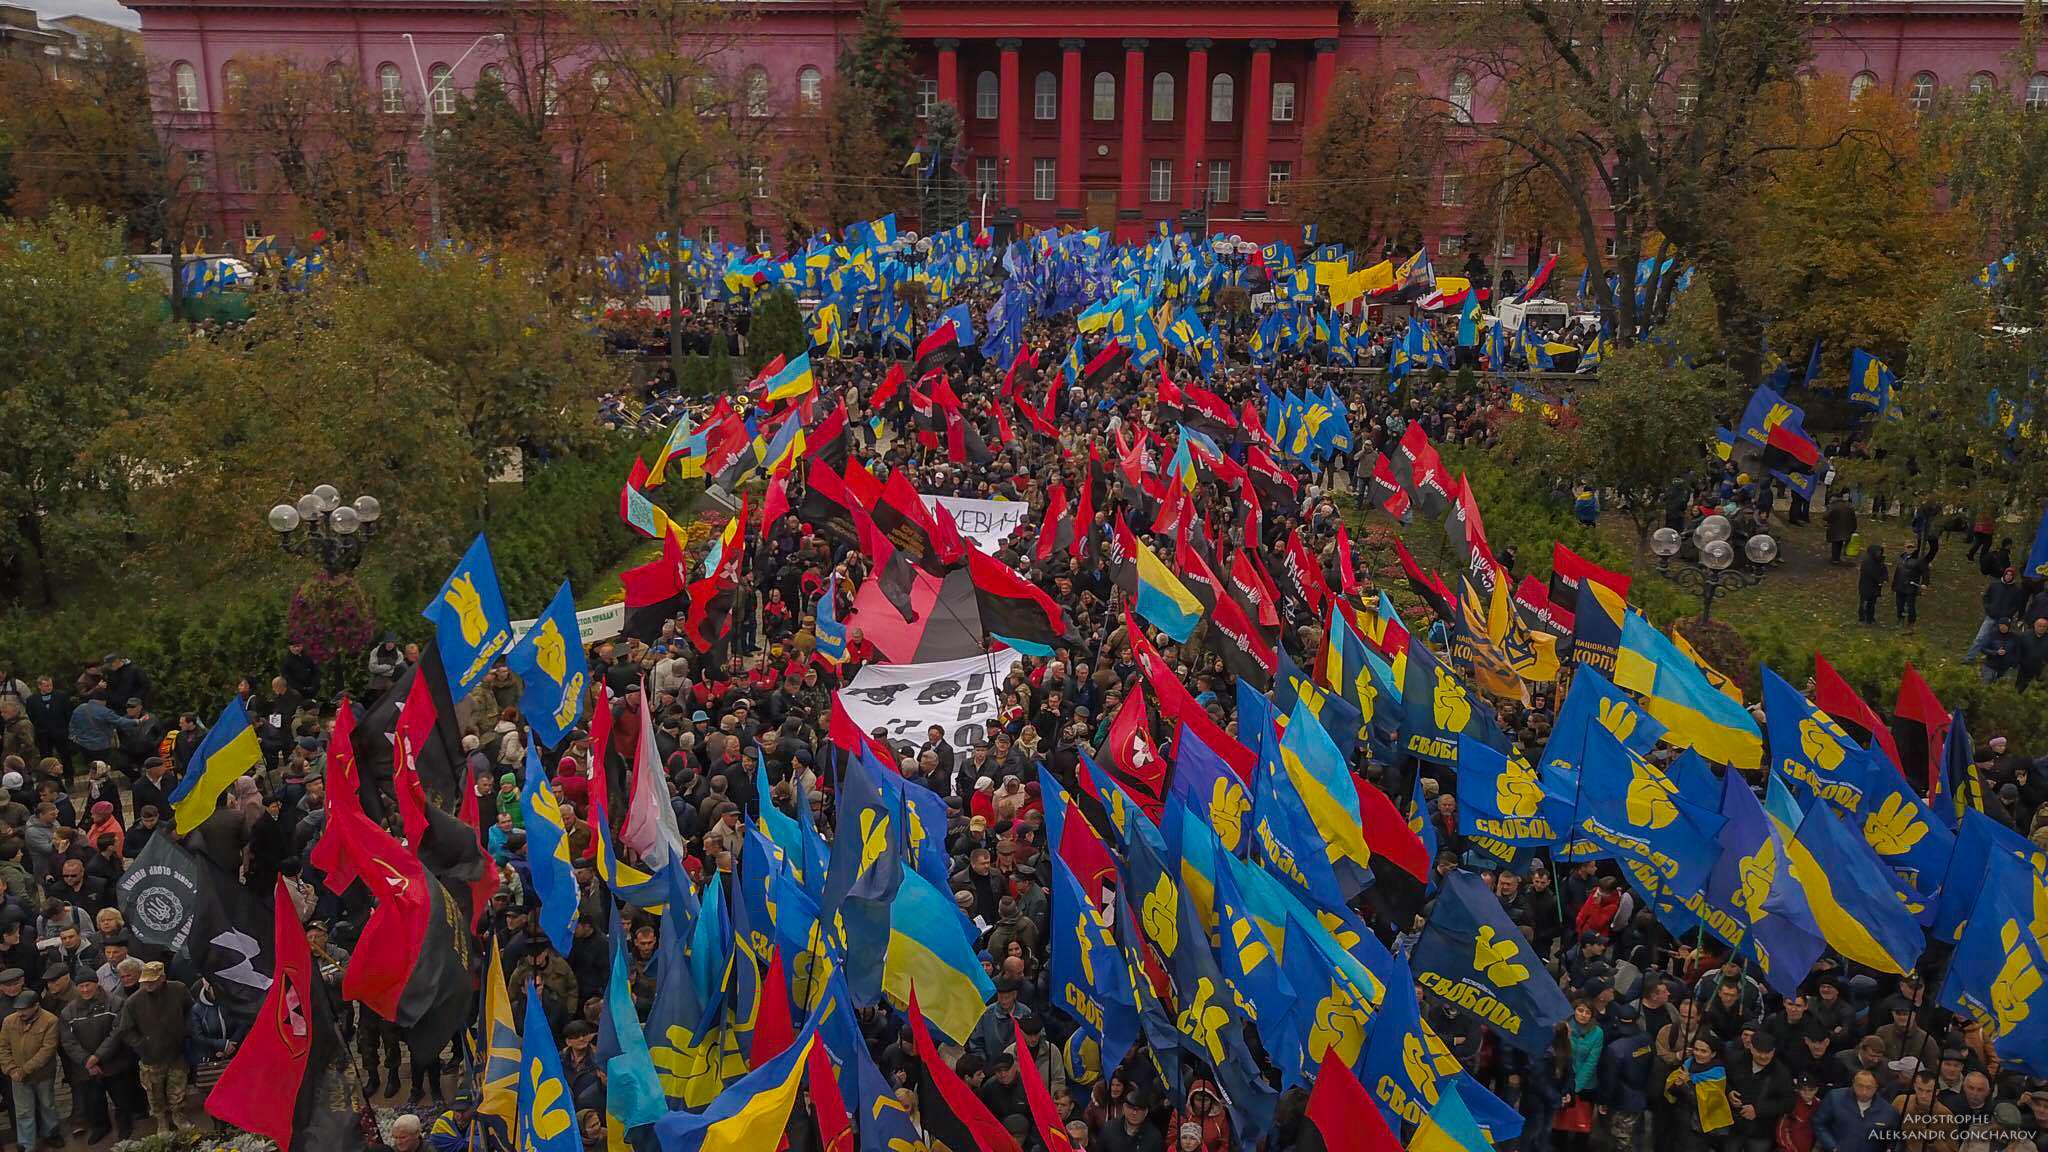 Глава МЗС Польщі Чапутович закликав до відвертого діалогу українських і польських істориків - Цензор.НЕТ 8798